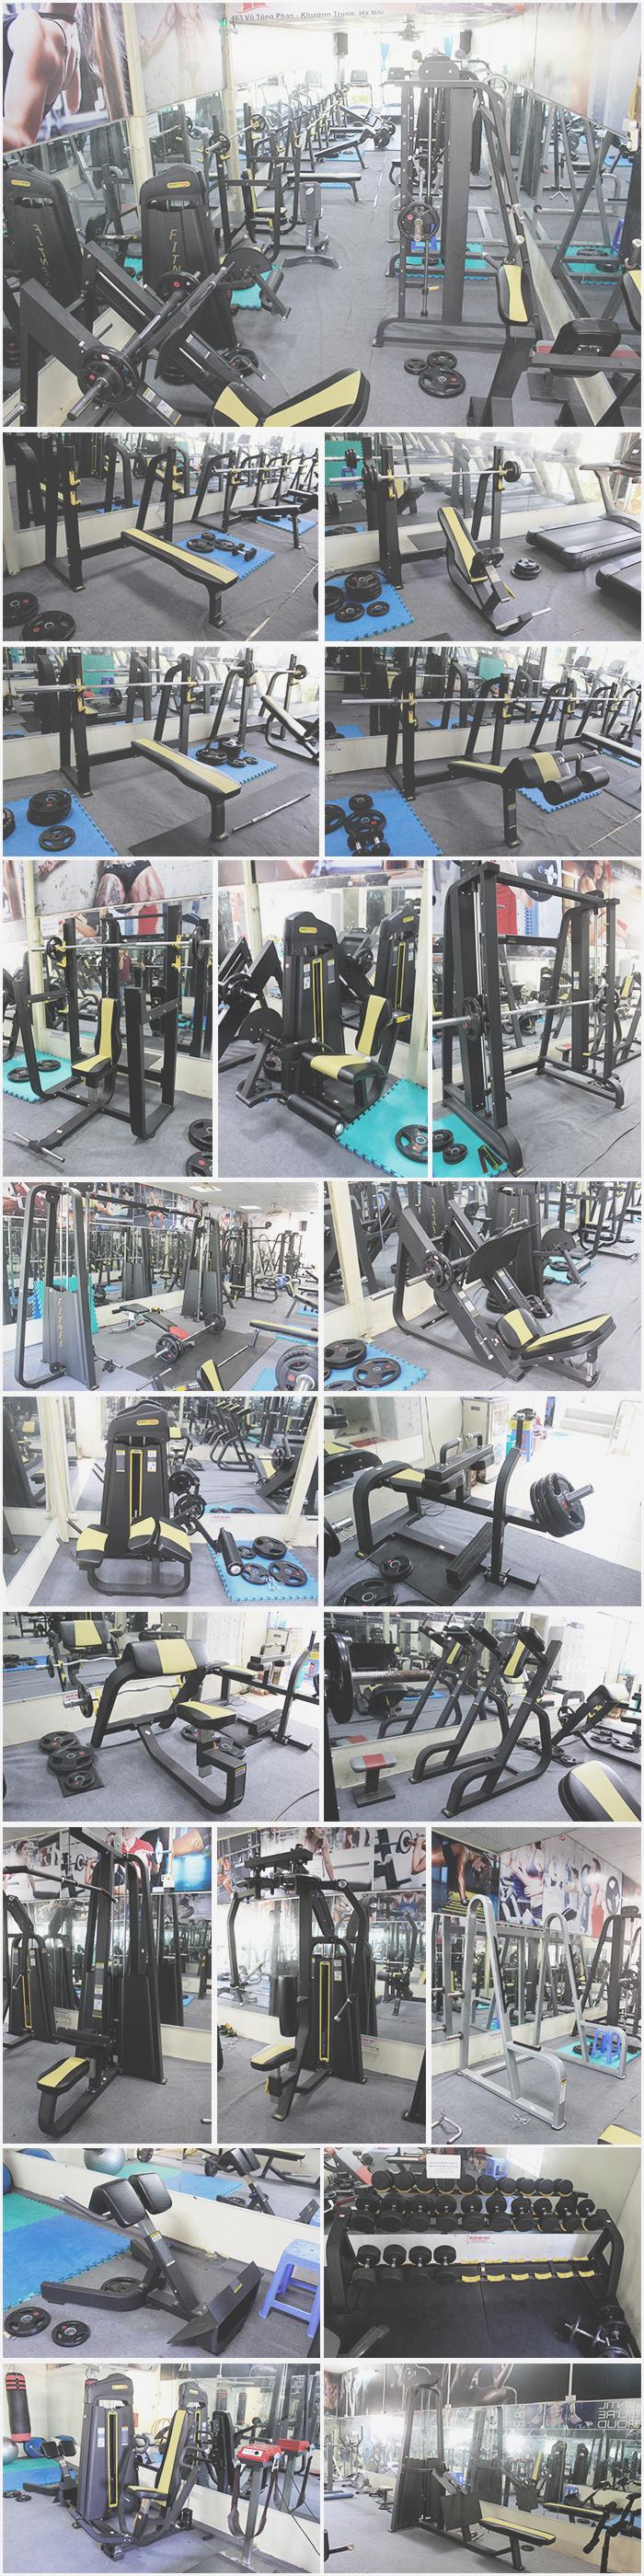 hình ảnh dụng cụ phòng tập gym đại việt sporrt